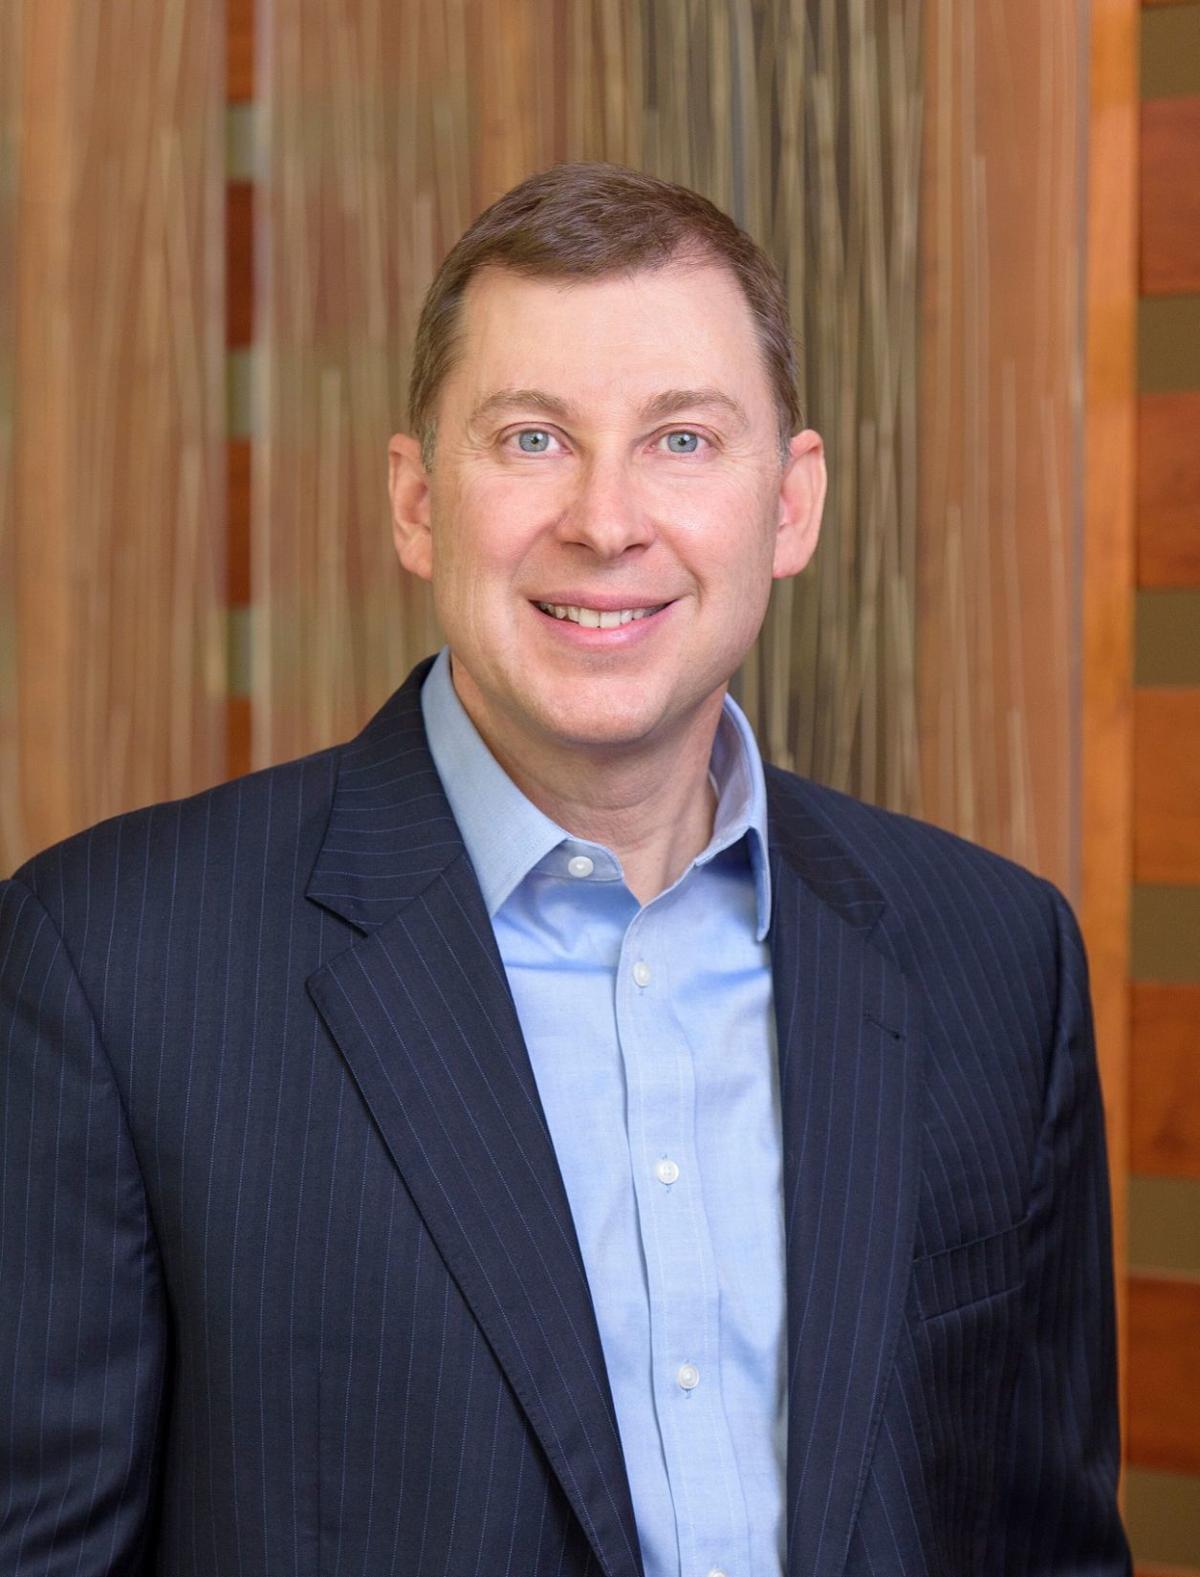 UW Credit Union CEO Paul Kundert